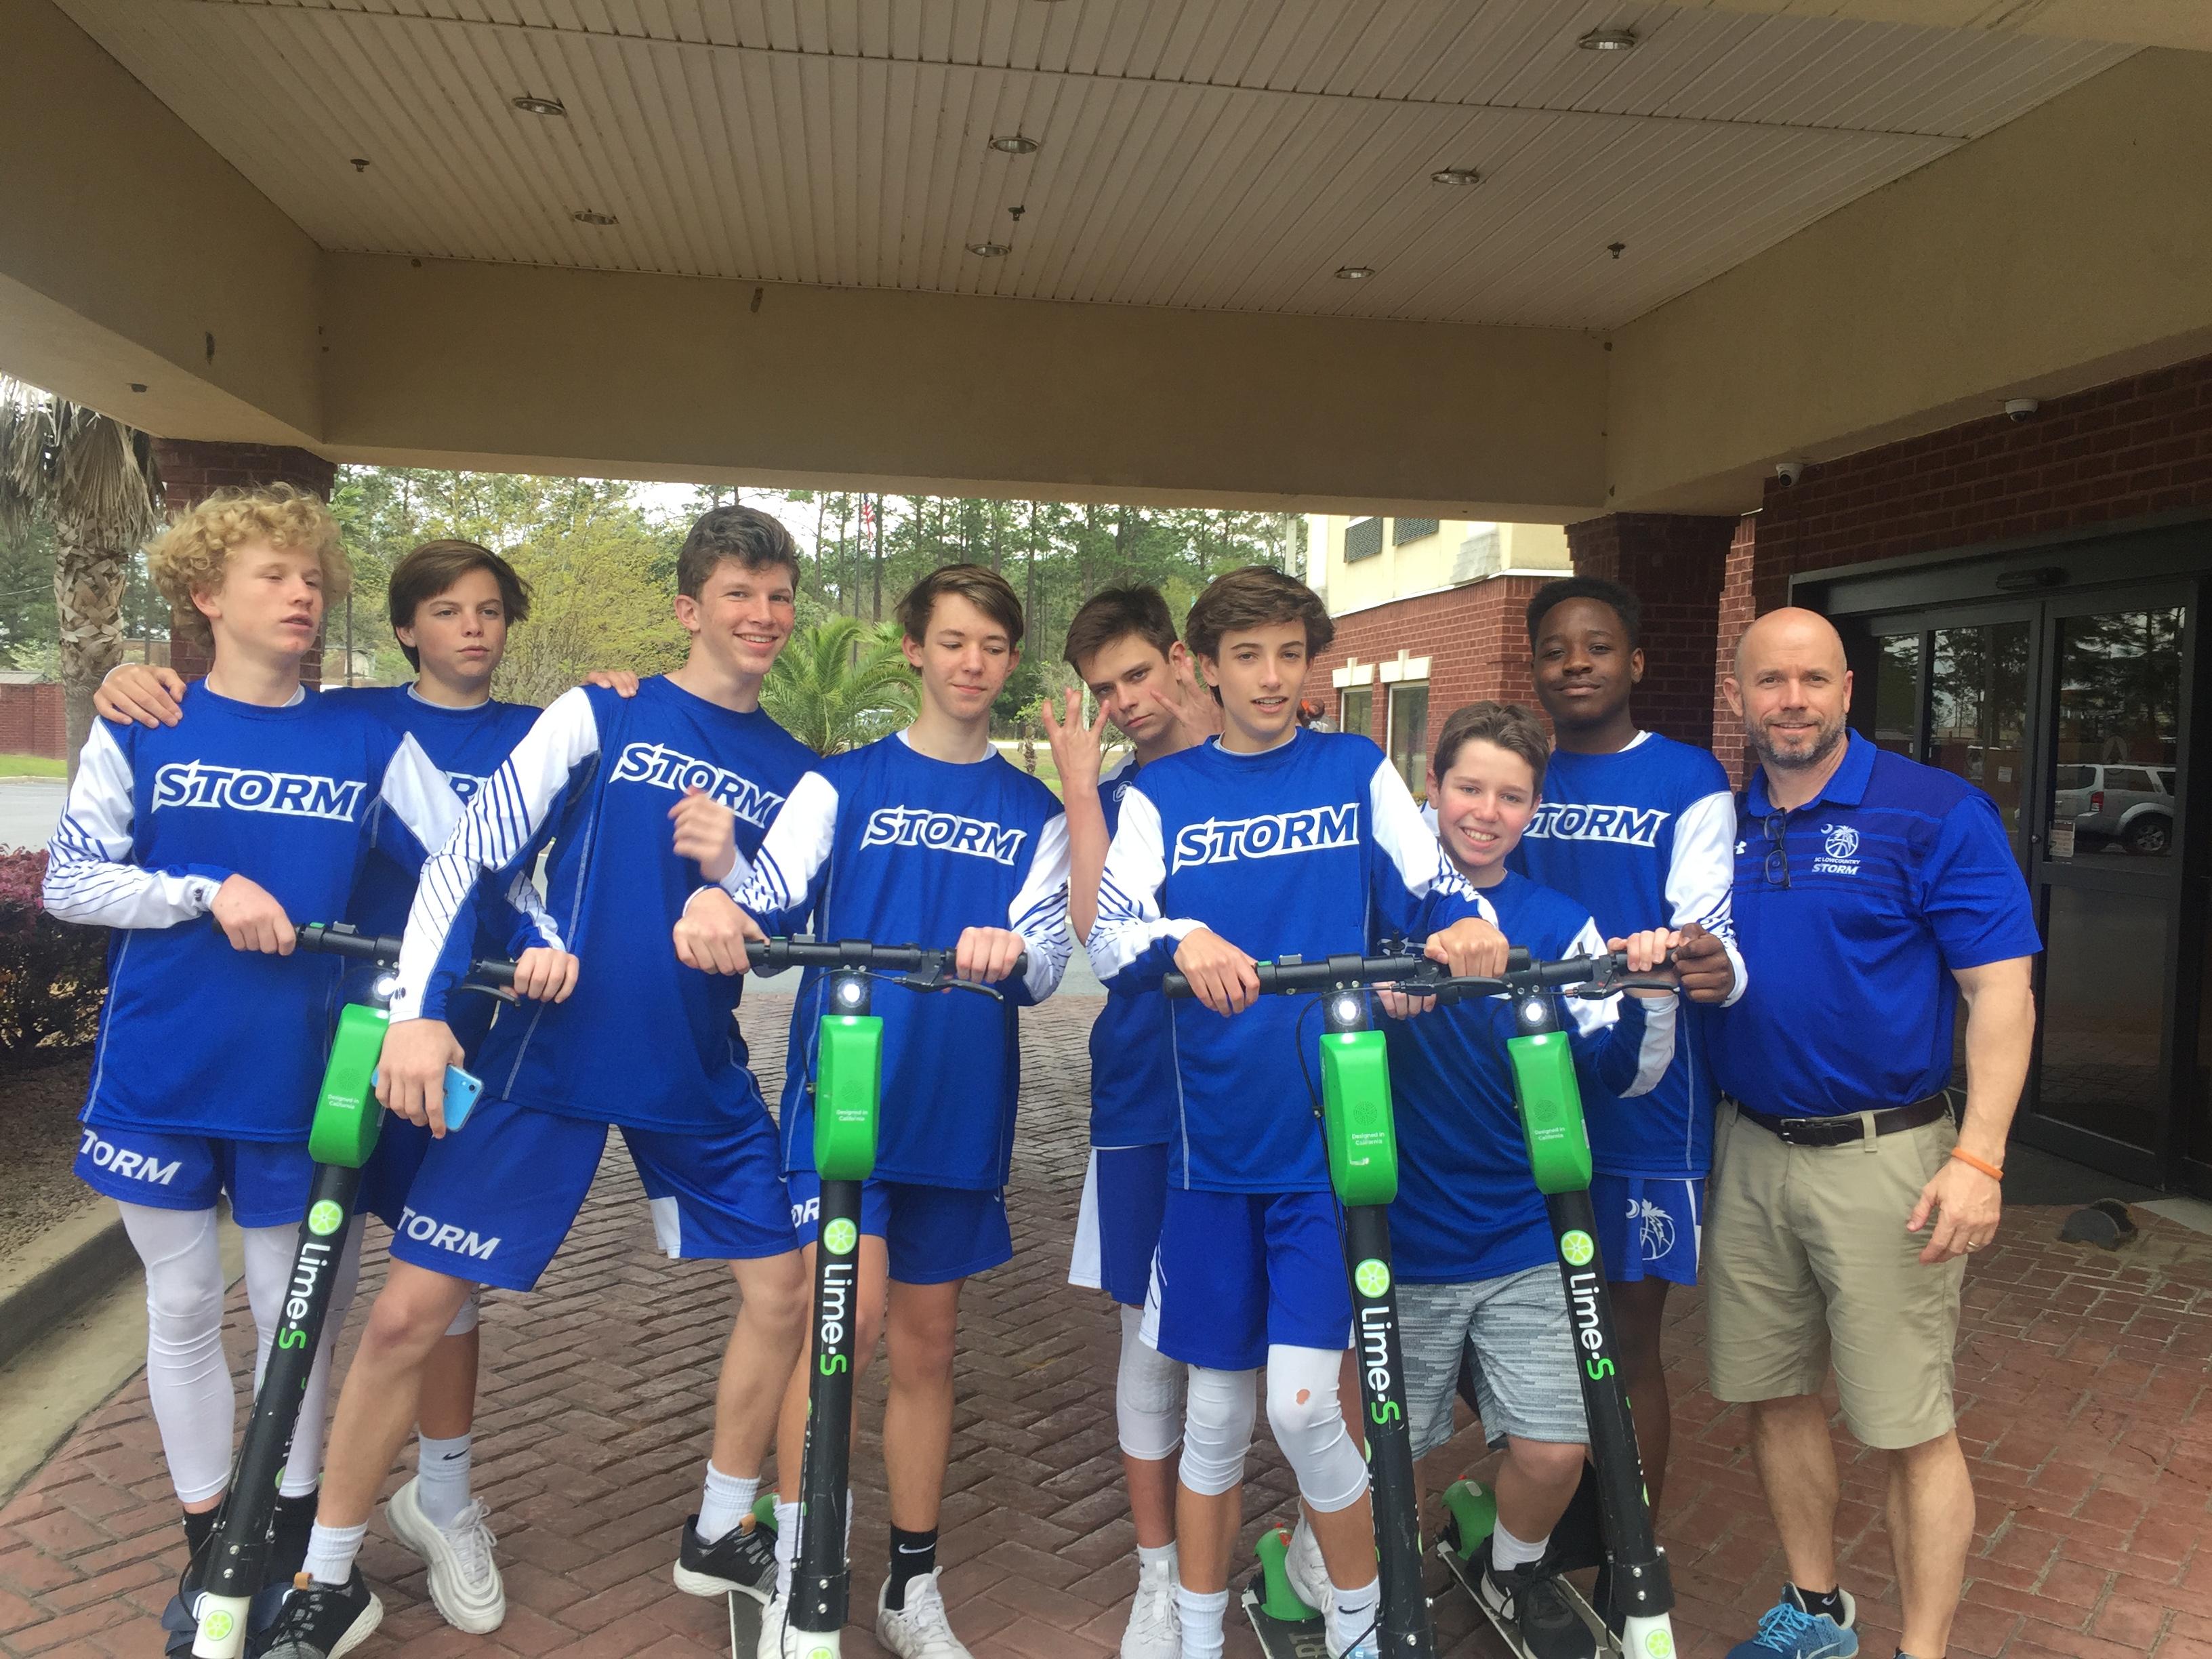 2019 8th Grade Team